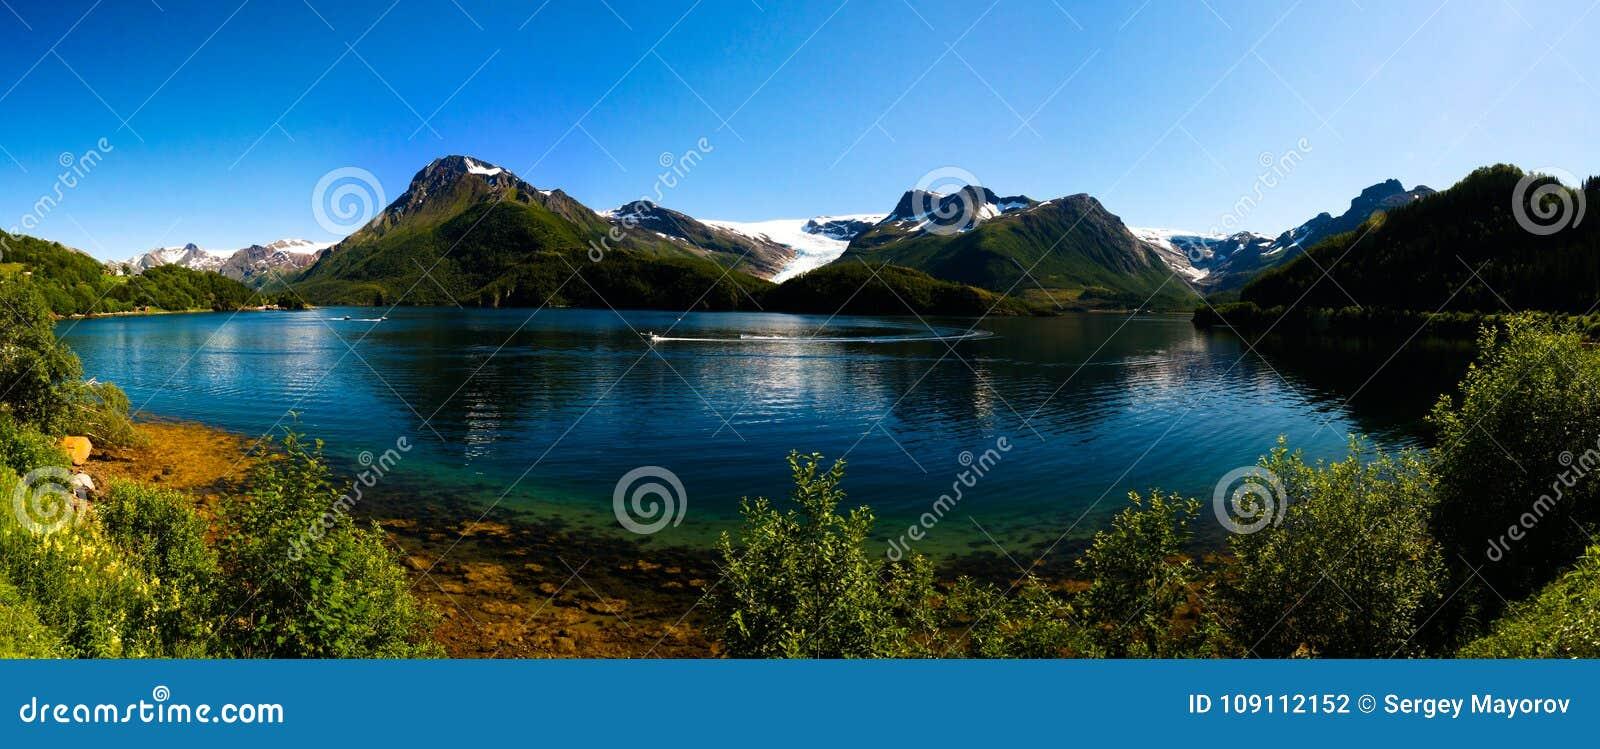 Panoramasikt till den Nordfjorden och Svartisen glaciären, Meloy, Norge